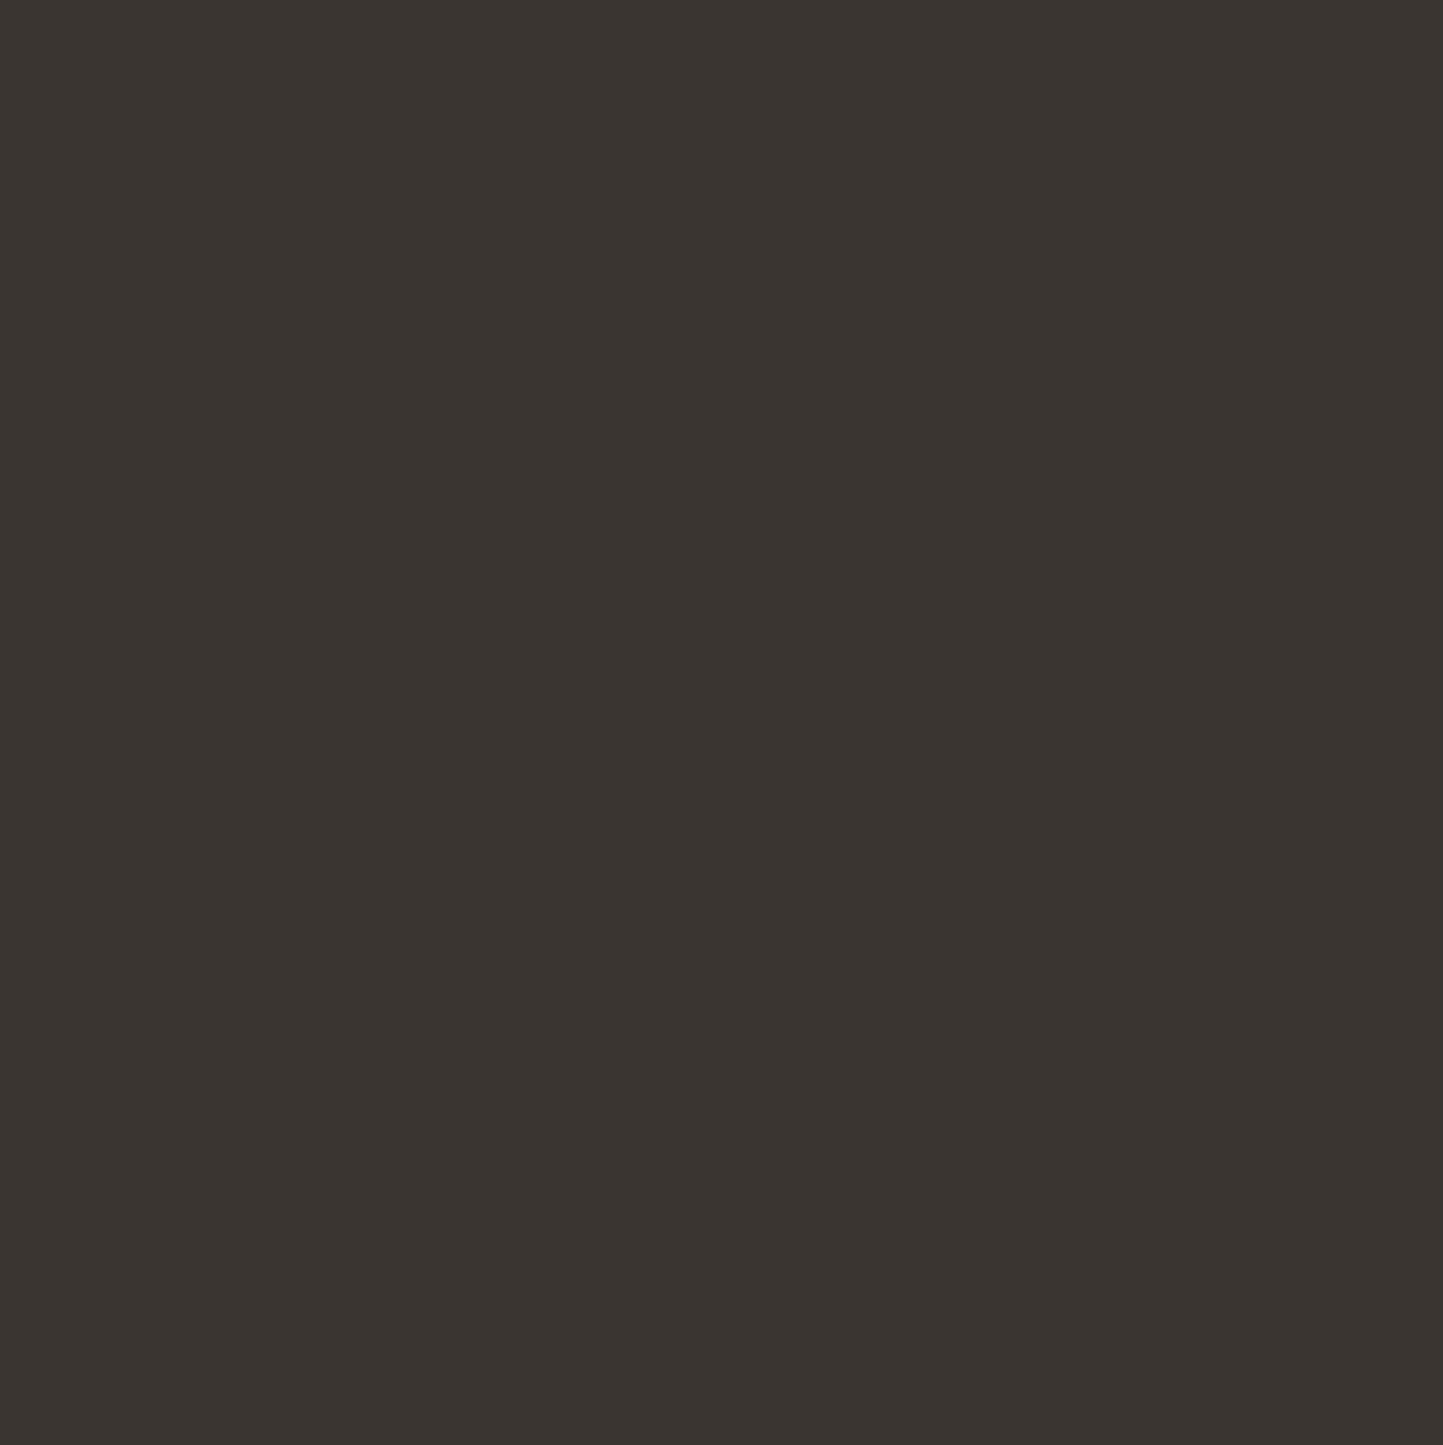 David Ezziddine